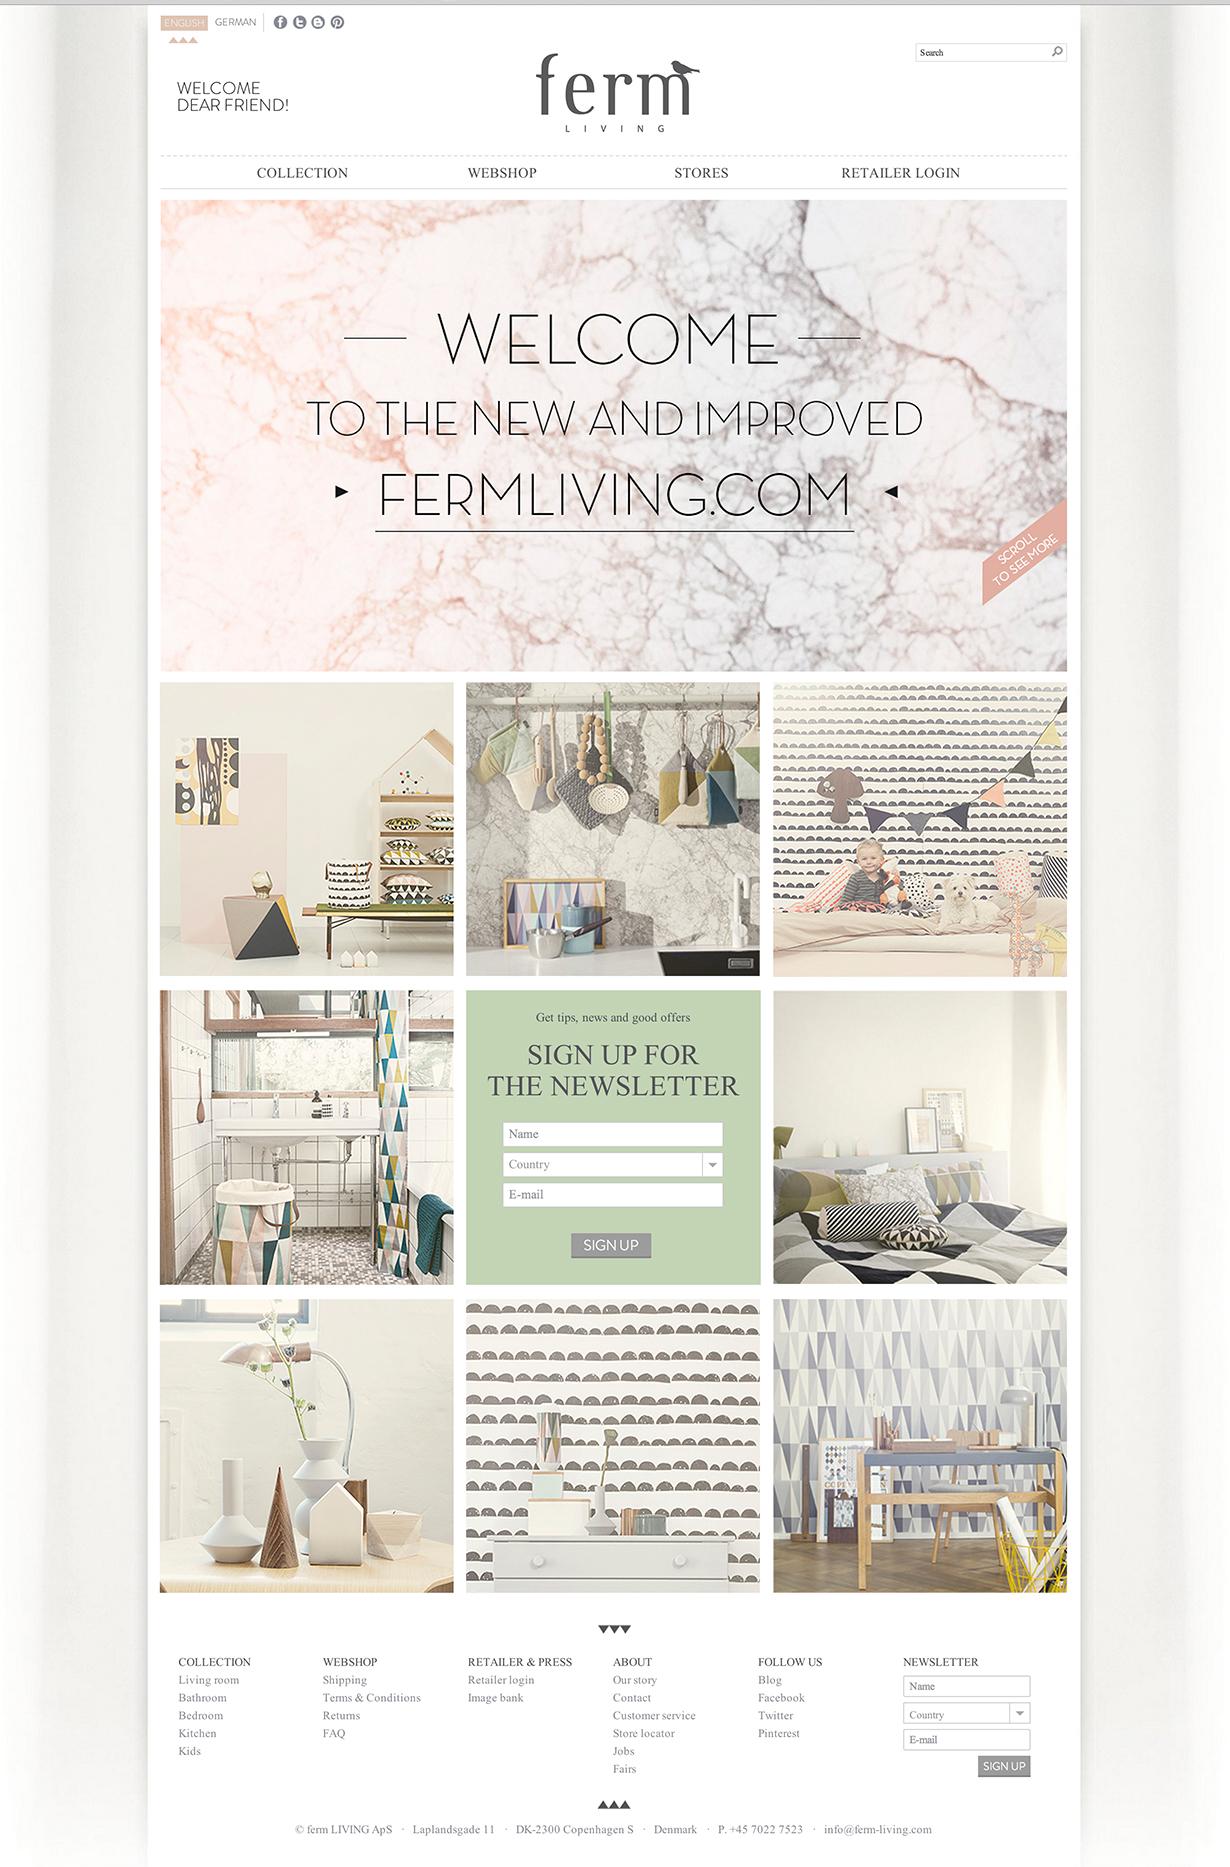 ferm living 2013 website on mstetson design